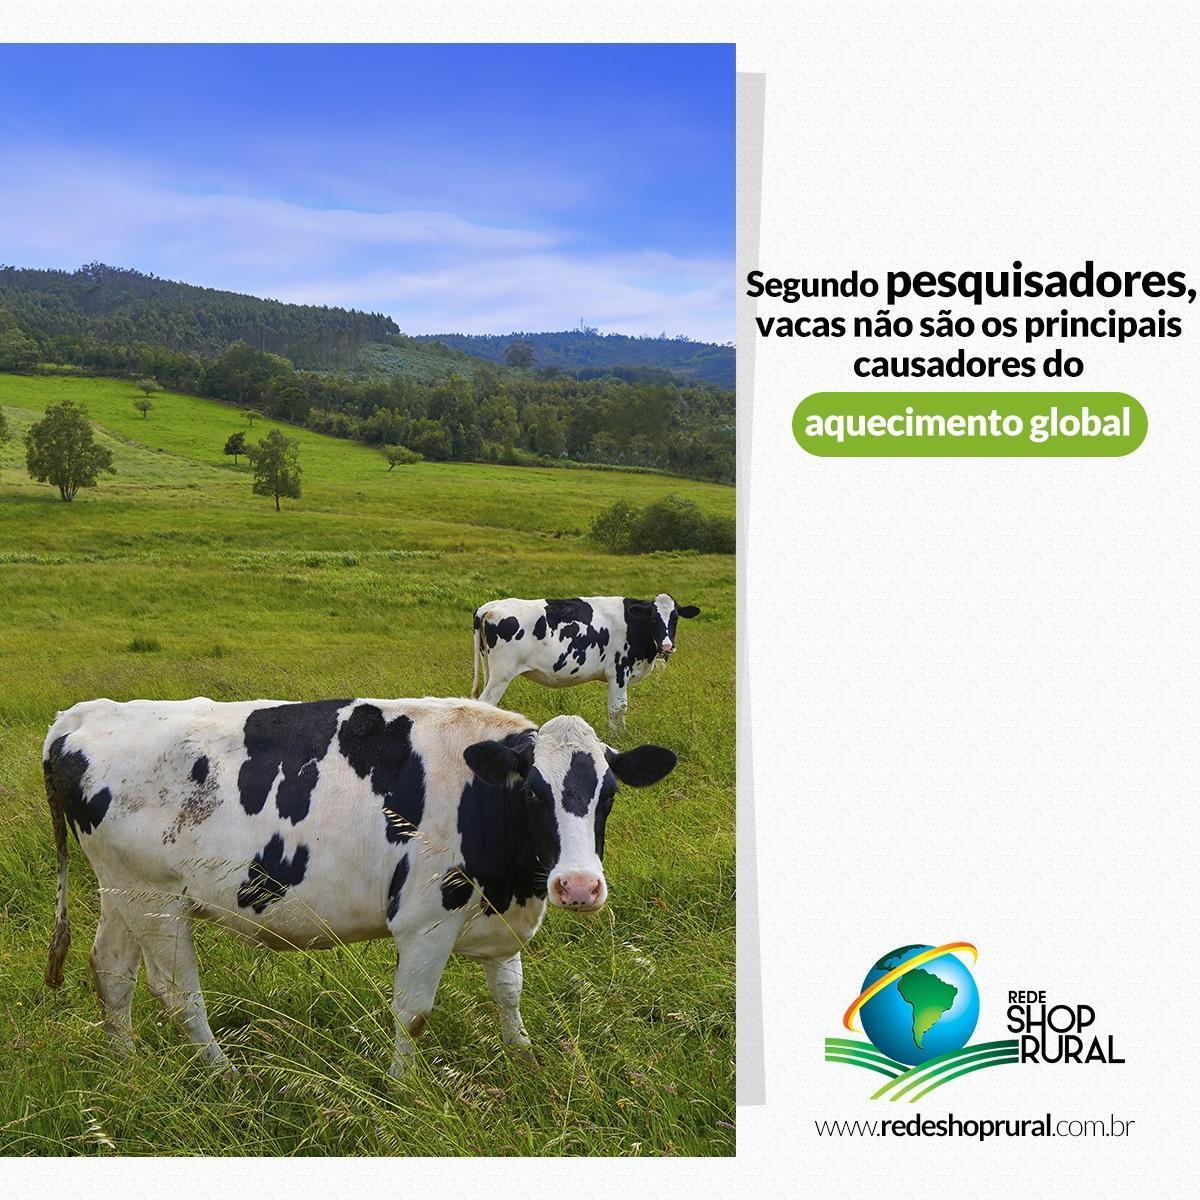 Segundo pesquisadores, vacas não são os principais causadores do aquecimento global